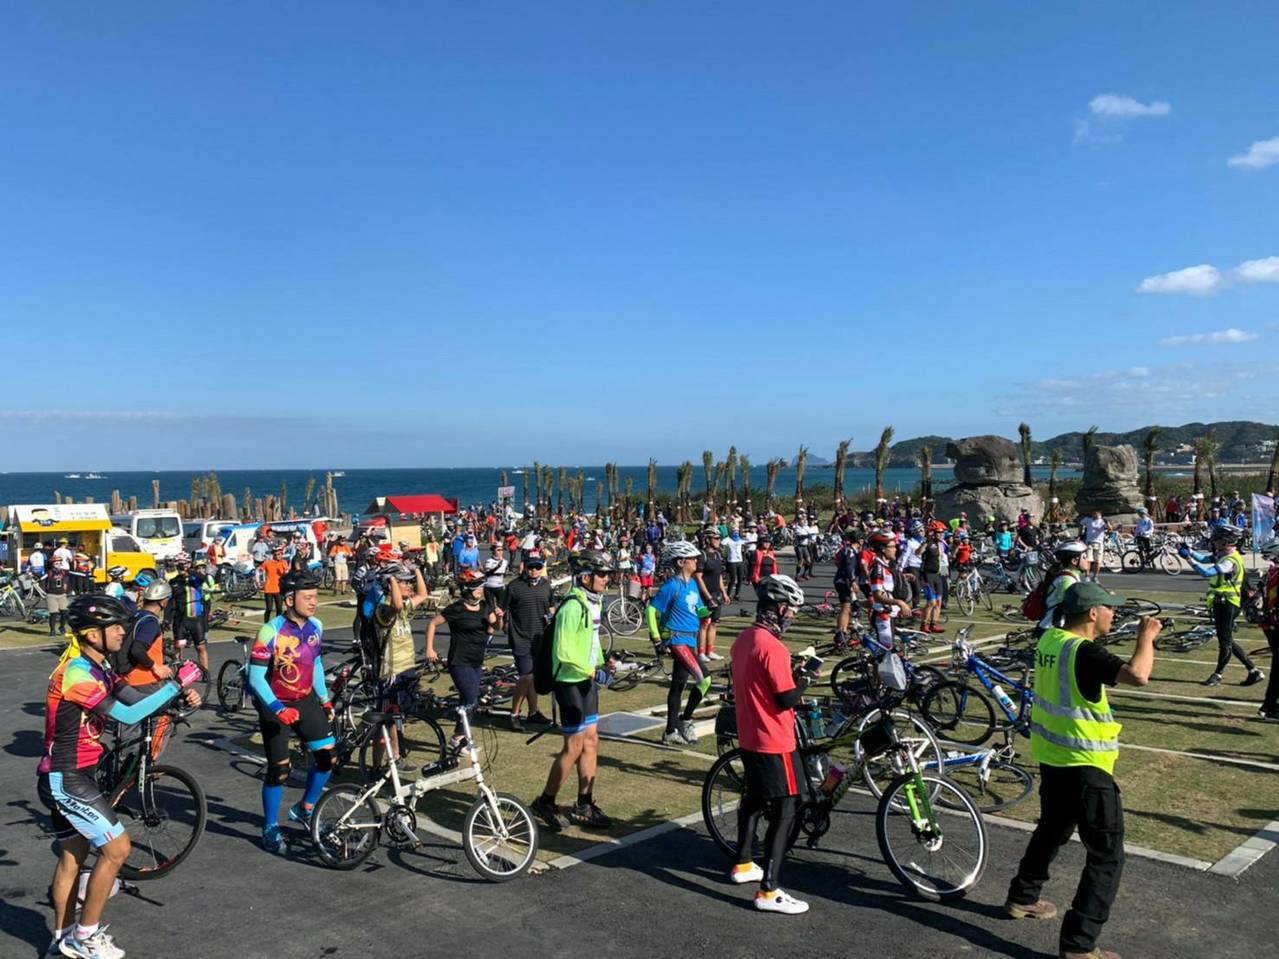 極北燈塔加北海岸小鎮遊,上千車友慢騎生態、景點2路線。圖/北觀處提供